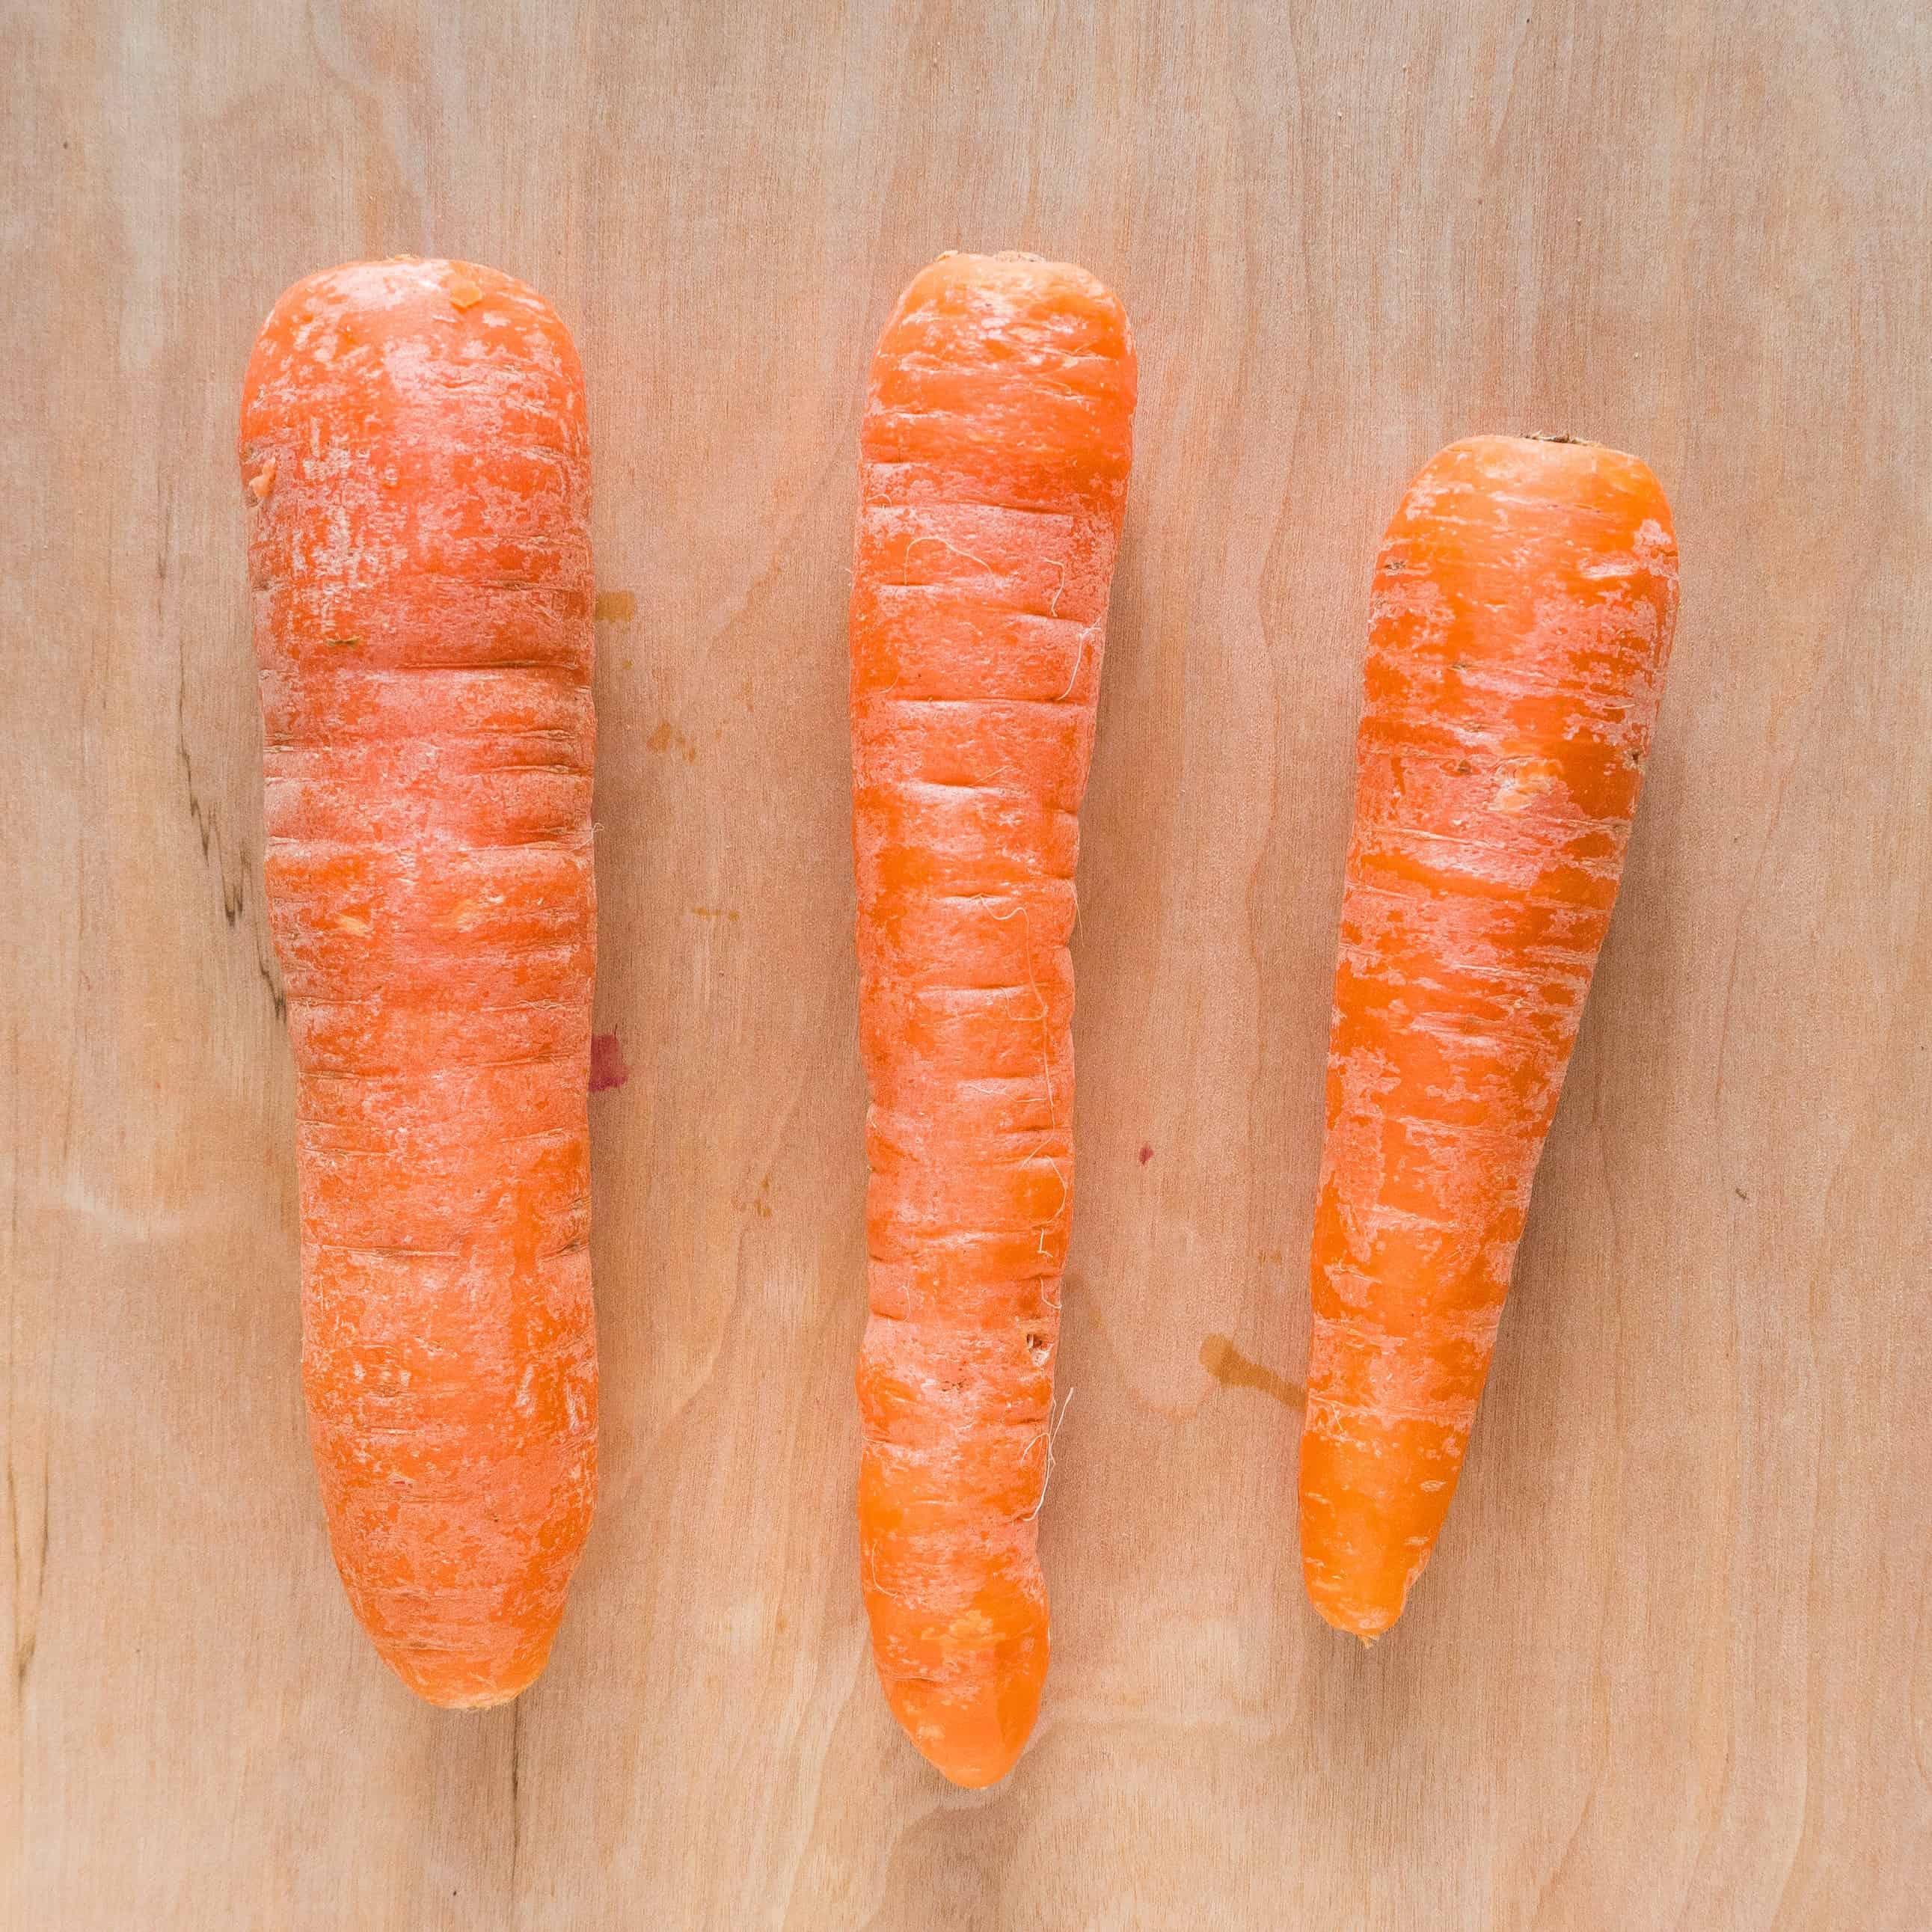 In-season carrots